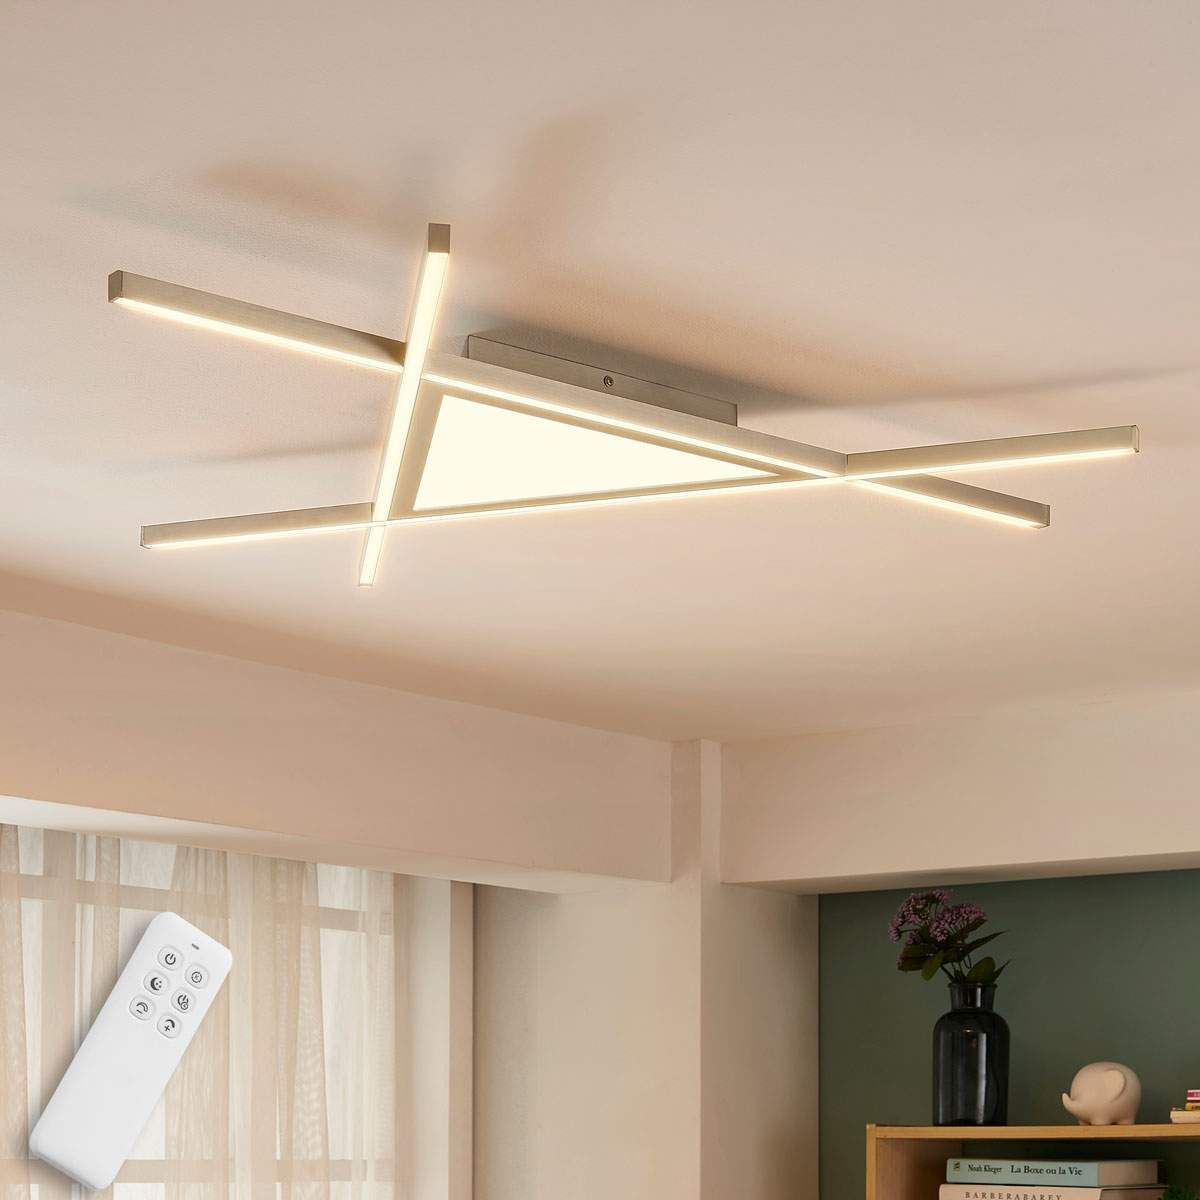 Full Size of Küchen Deckenlampe Wohnzimmer Küche Regal Bad Schlafzimmer Deckenlampen Modern Für Esstisch Wohnzimmer Küchen Deckenlampe